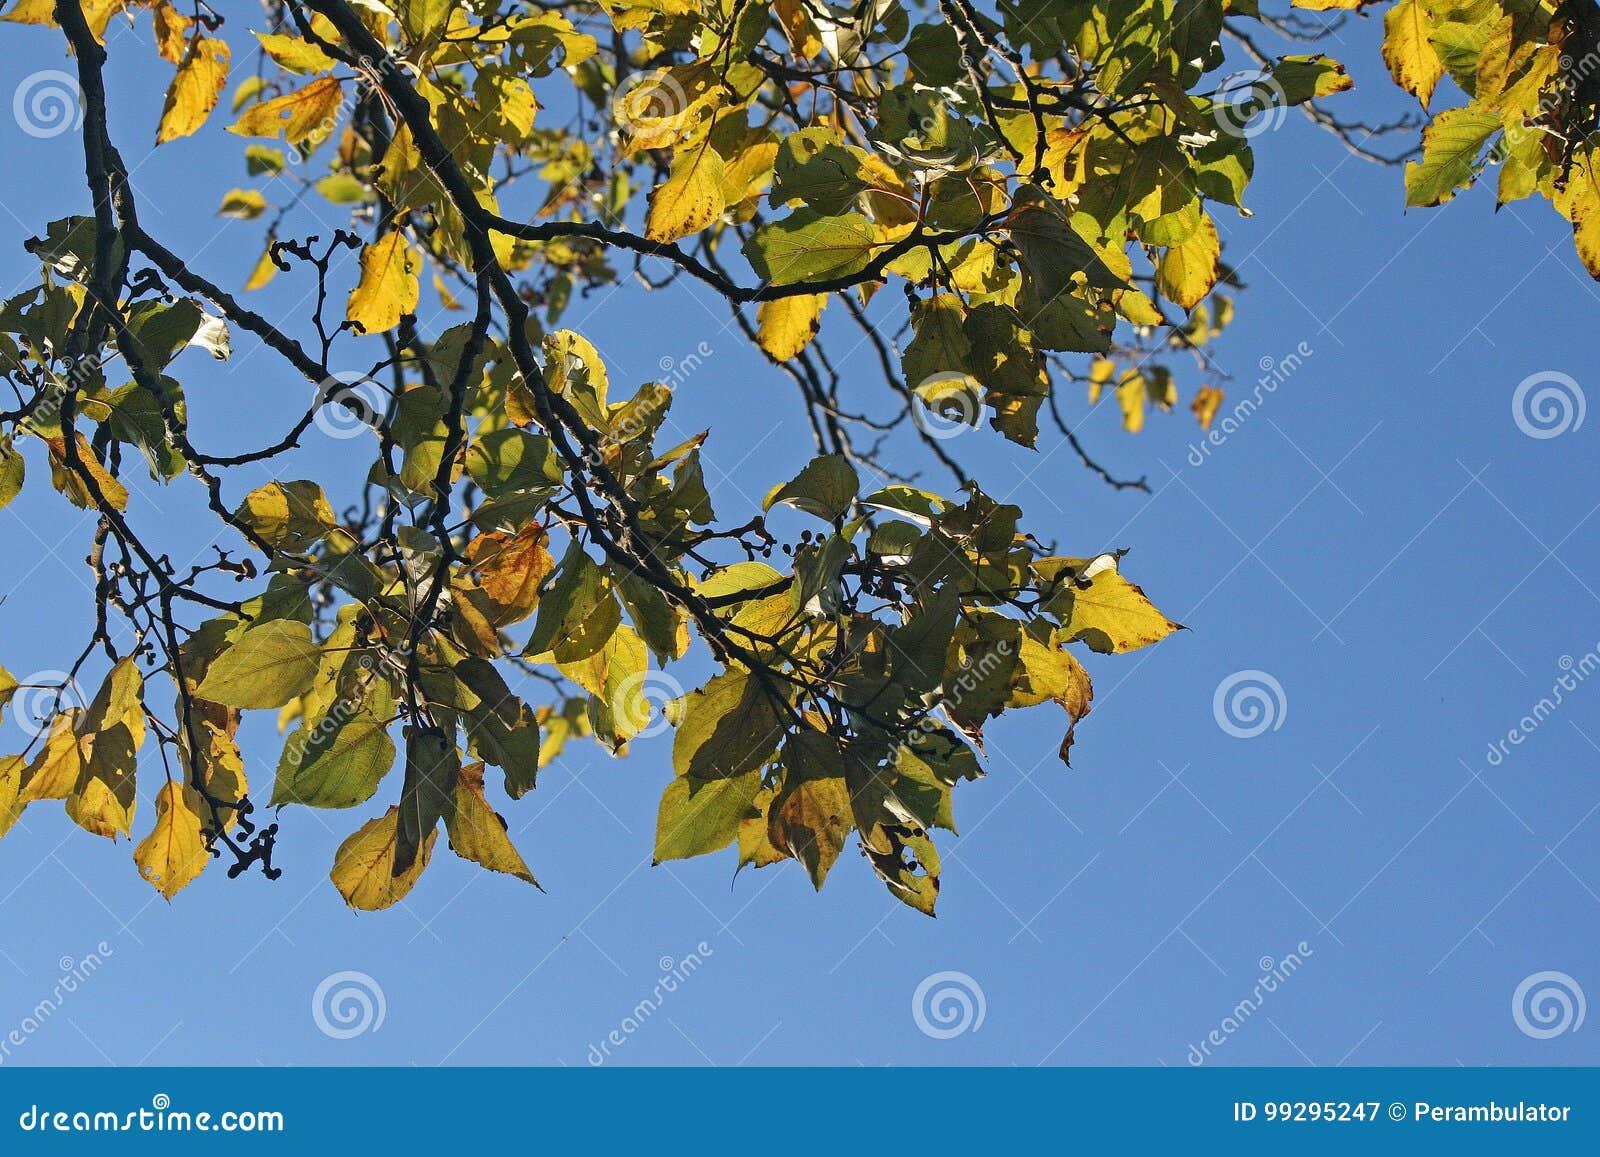 Niedlich Früchte Färbende Blätter Fotos - Malvorlagen Ideen ...